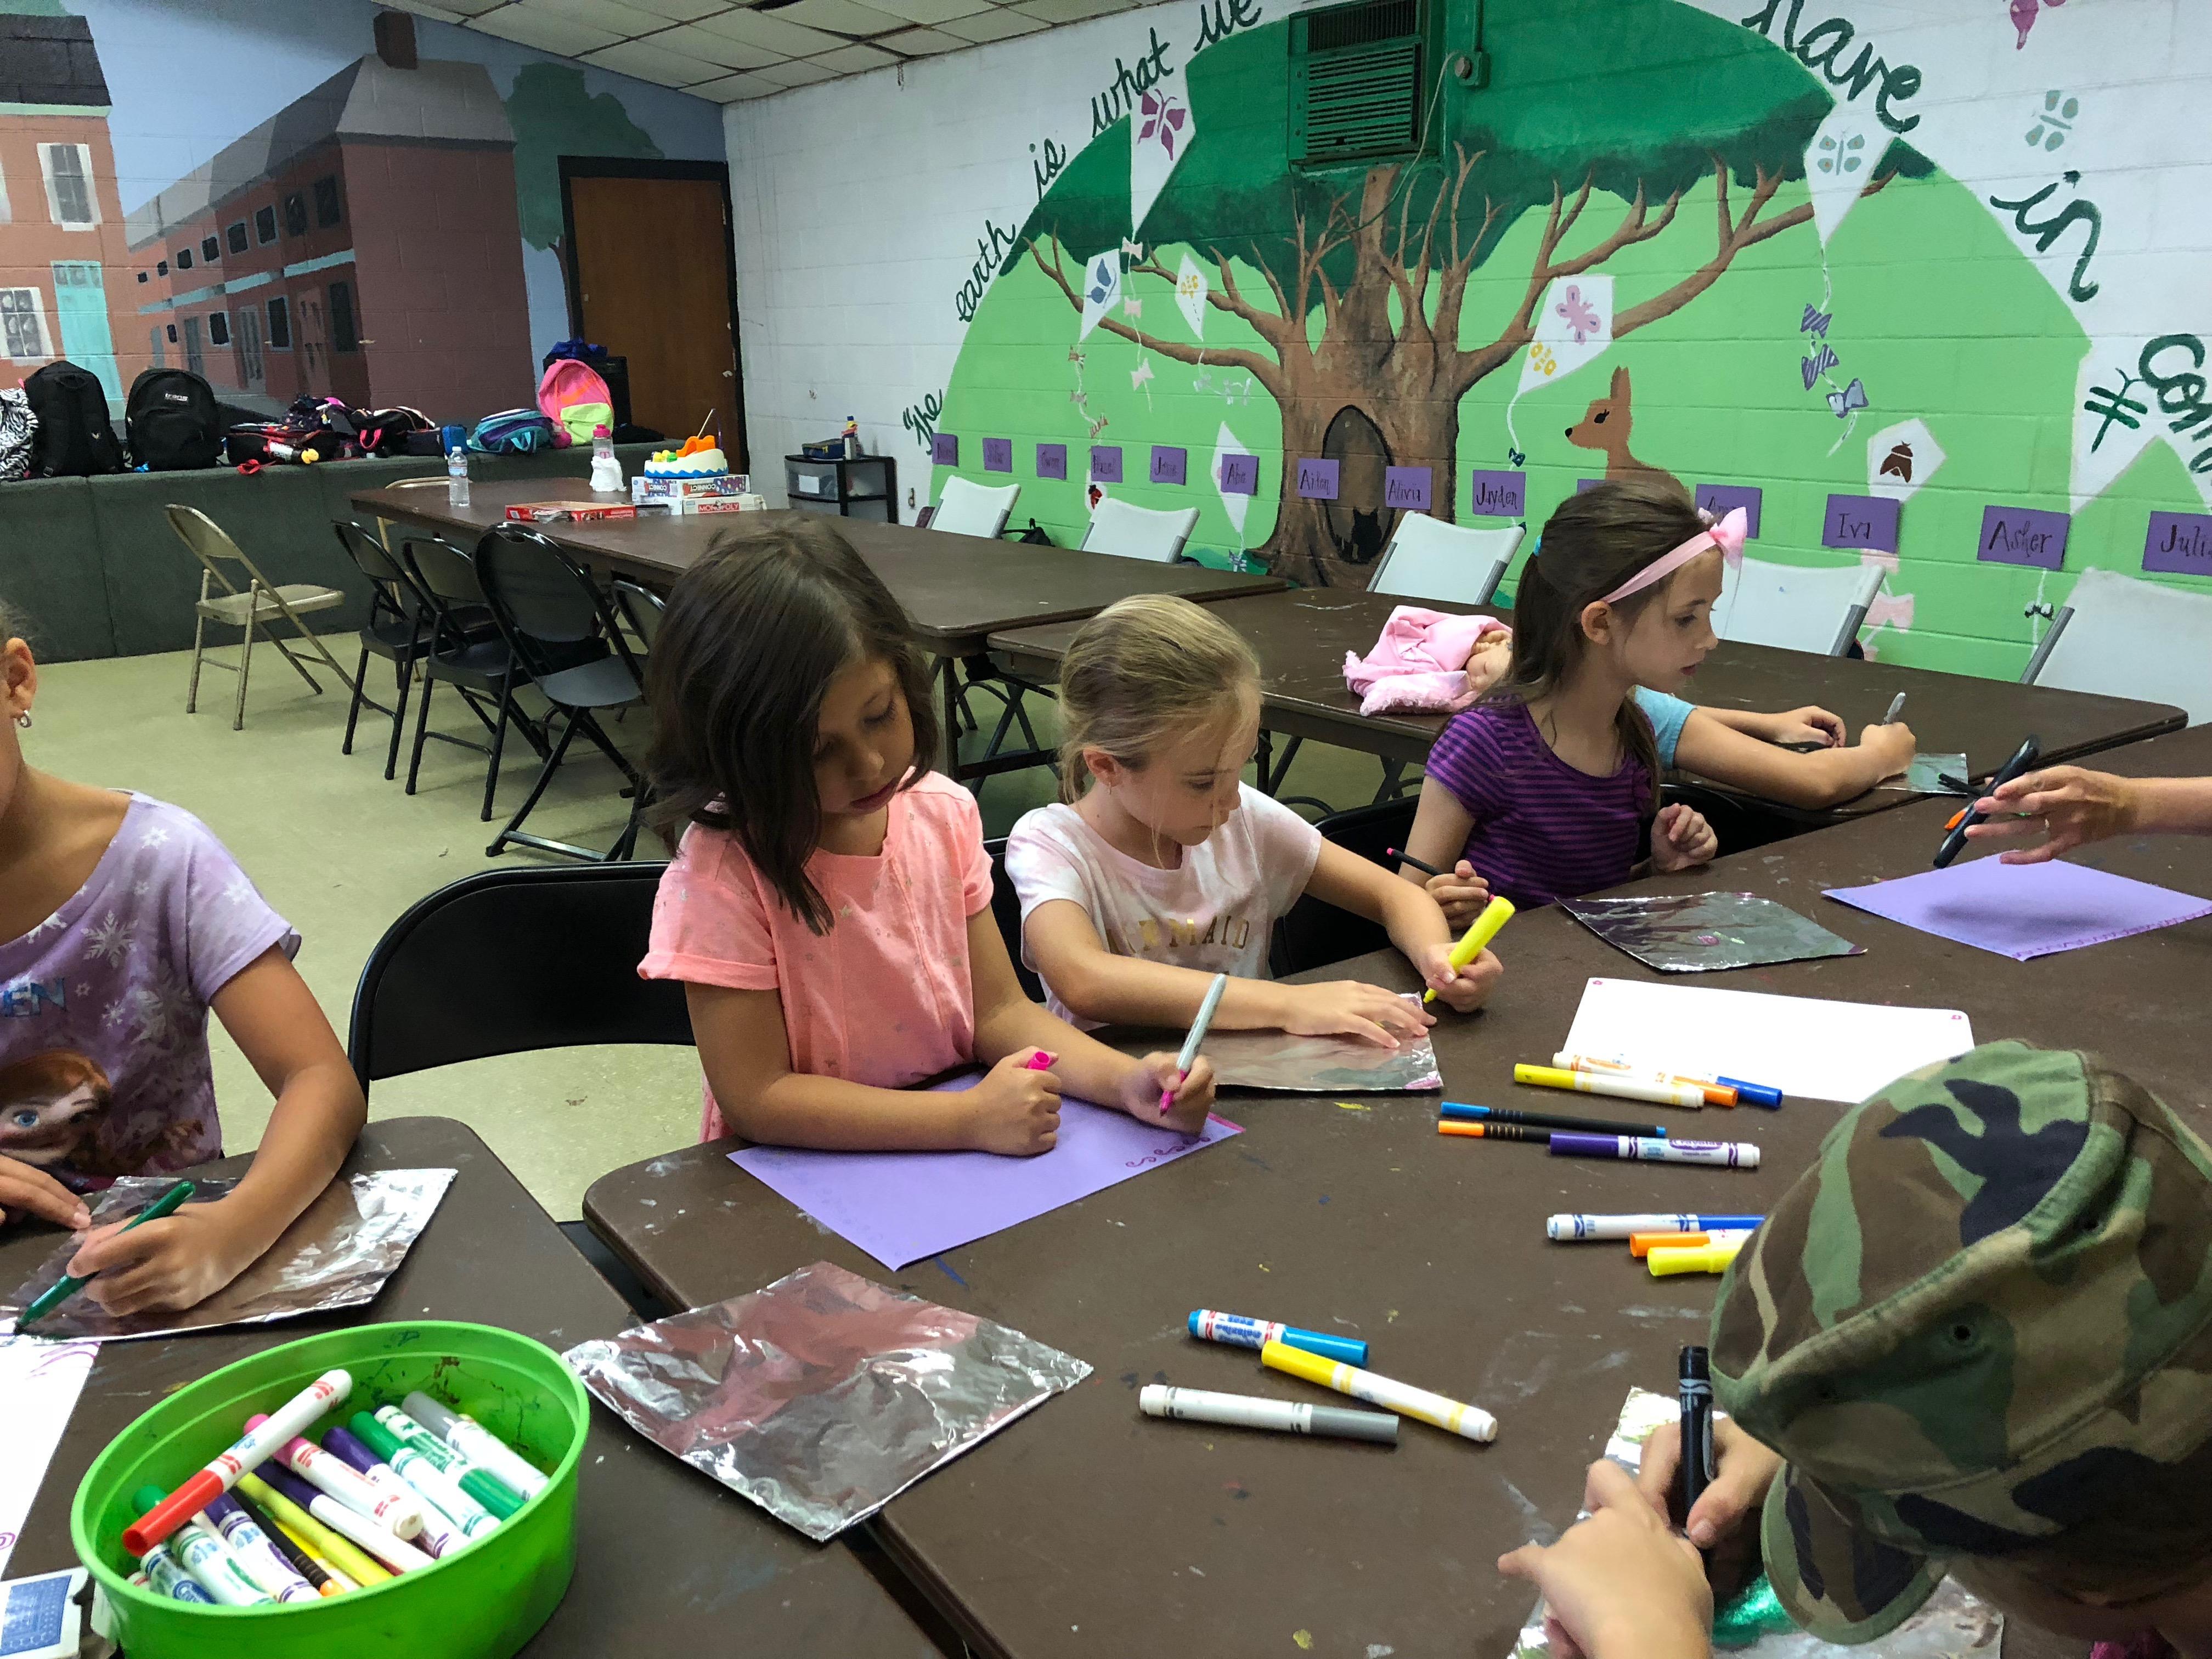 Exploring Media and Materials at Fishtown Rec